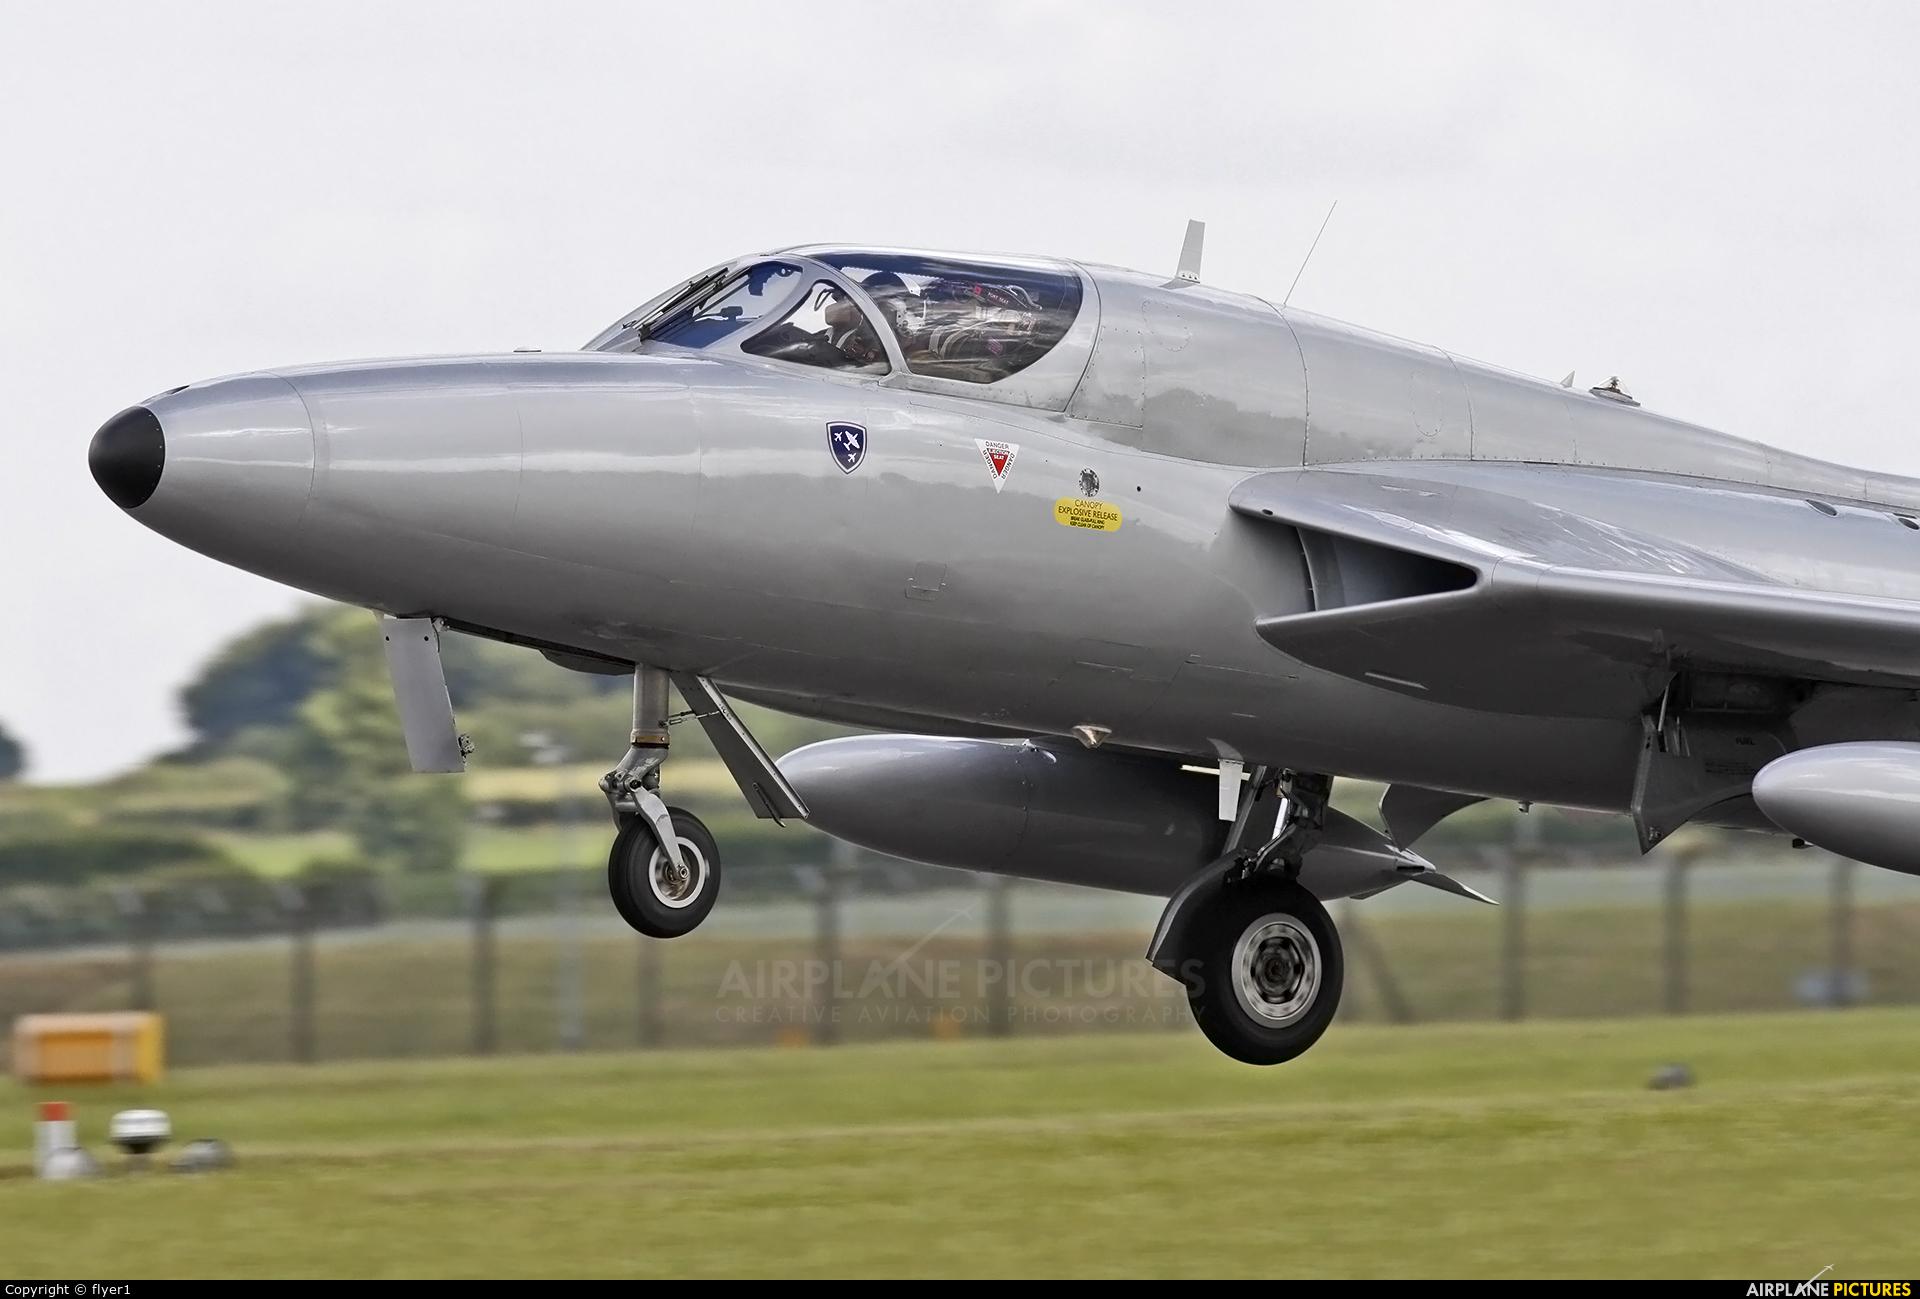 Undisclosed G-XMHD aircraft at Waddington